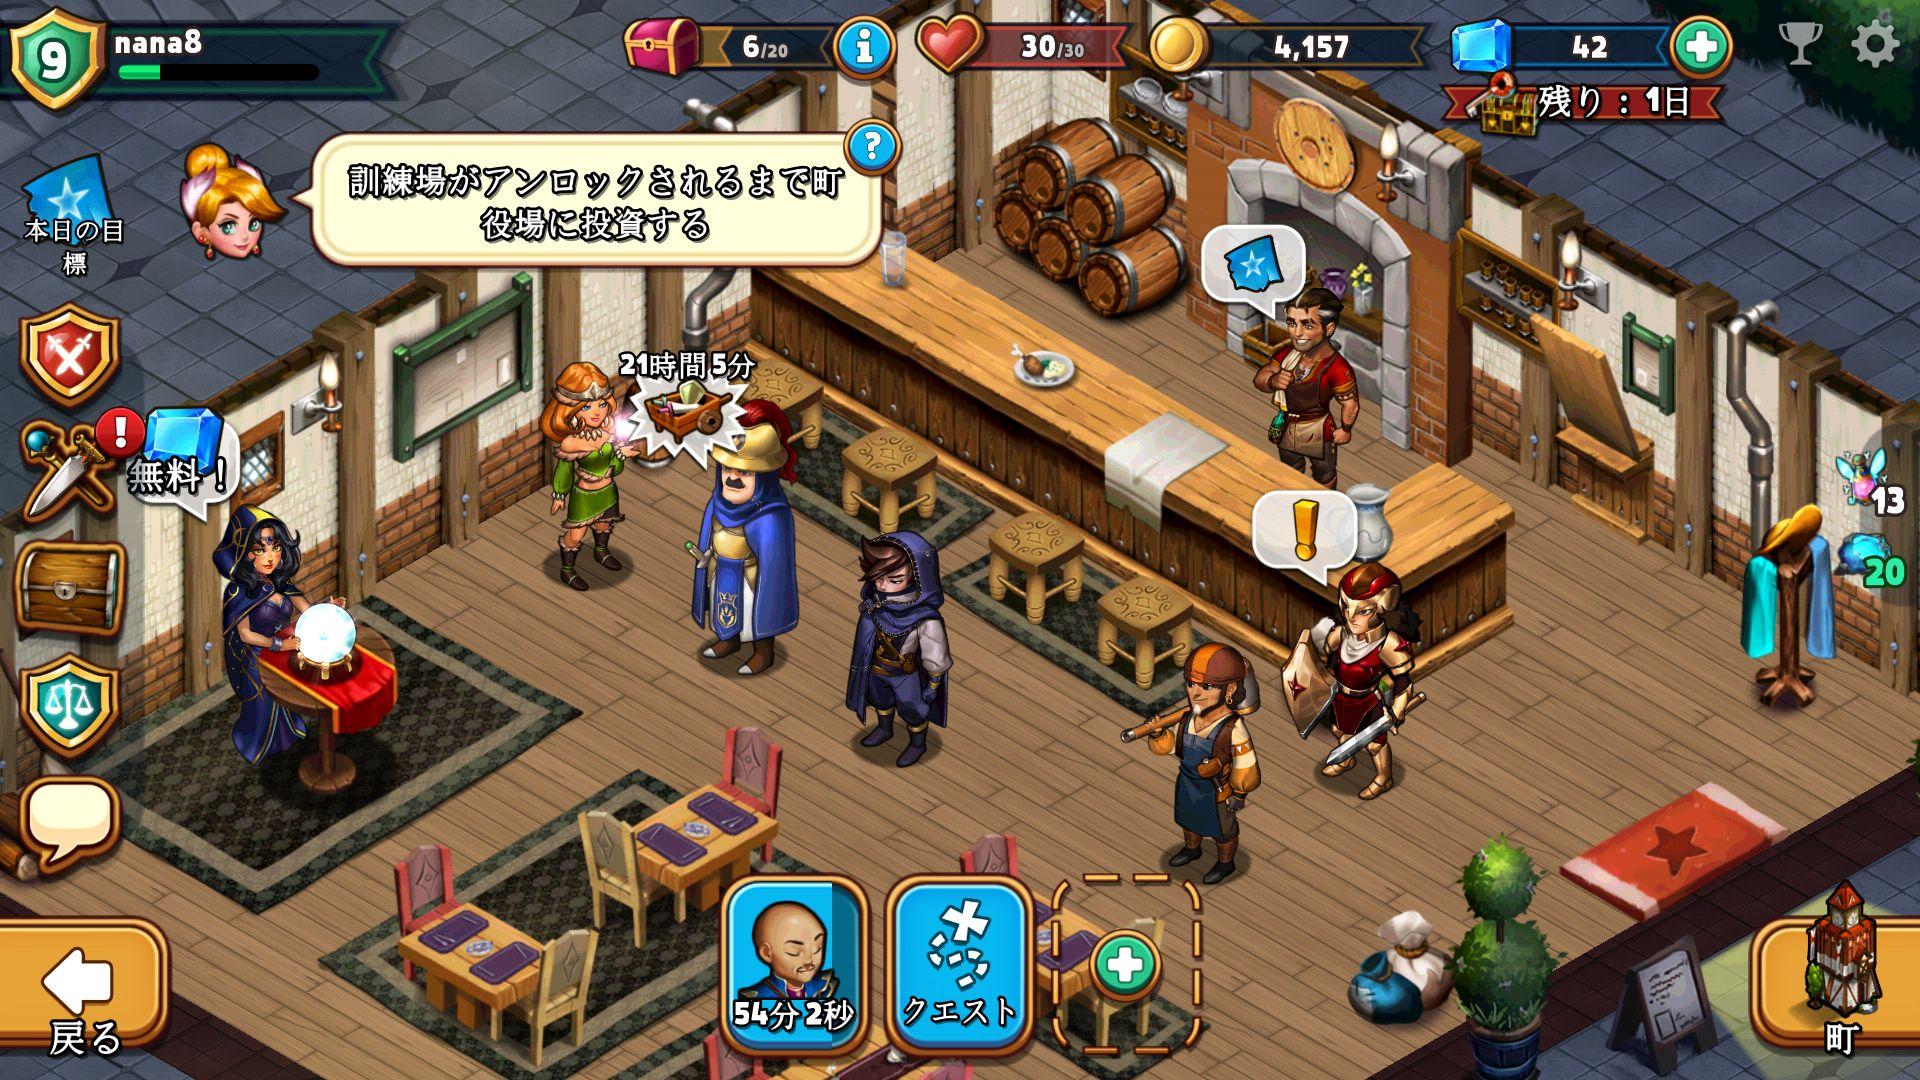 androidアプリ ショップヒーローズ(Shop Heroes)攻略スクリーンショット3